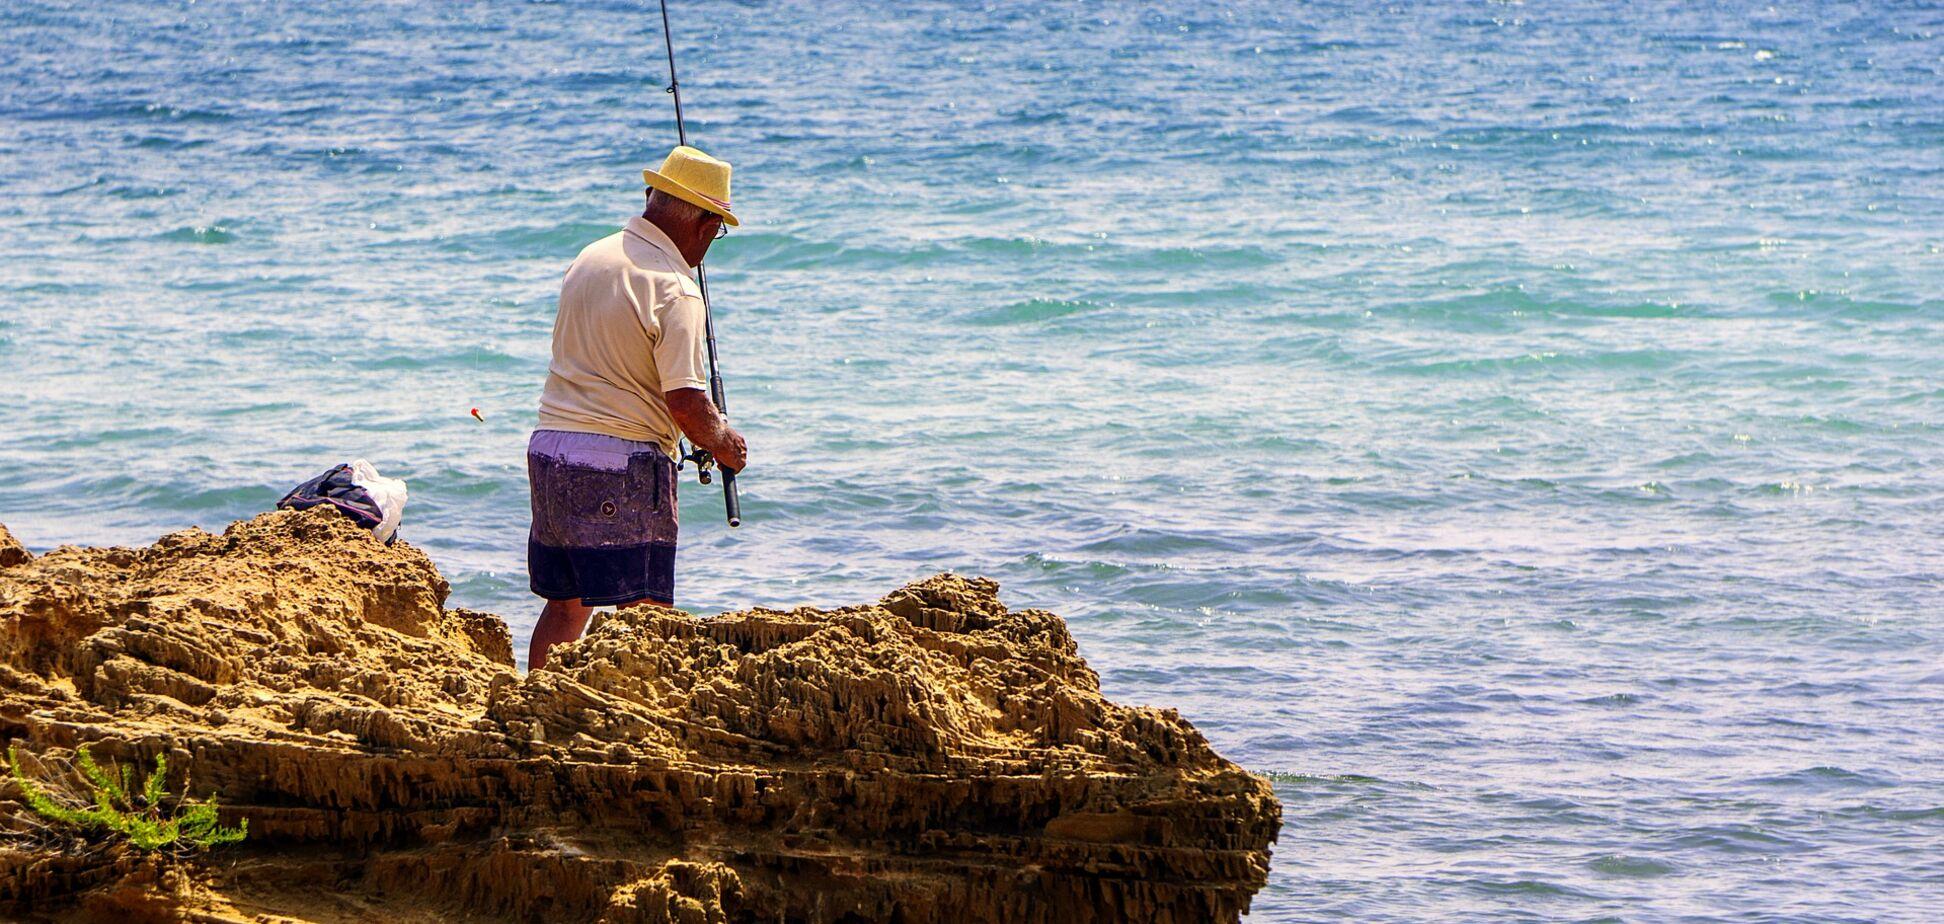 День рыбака в Украине в 2020 году отмечается 12 июля